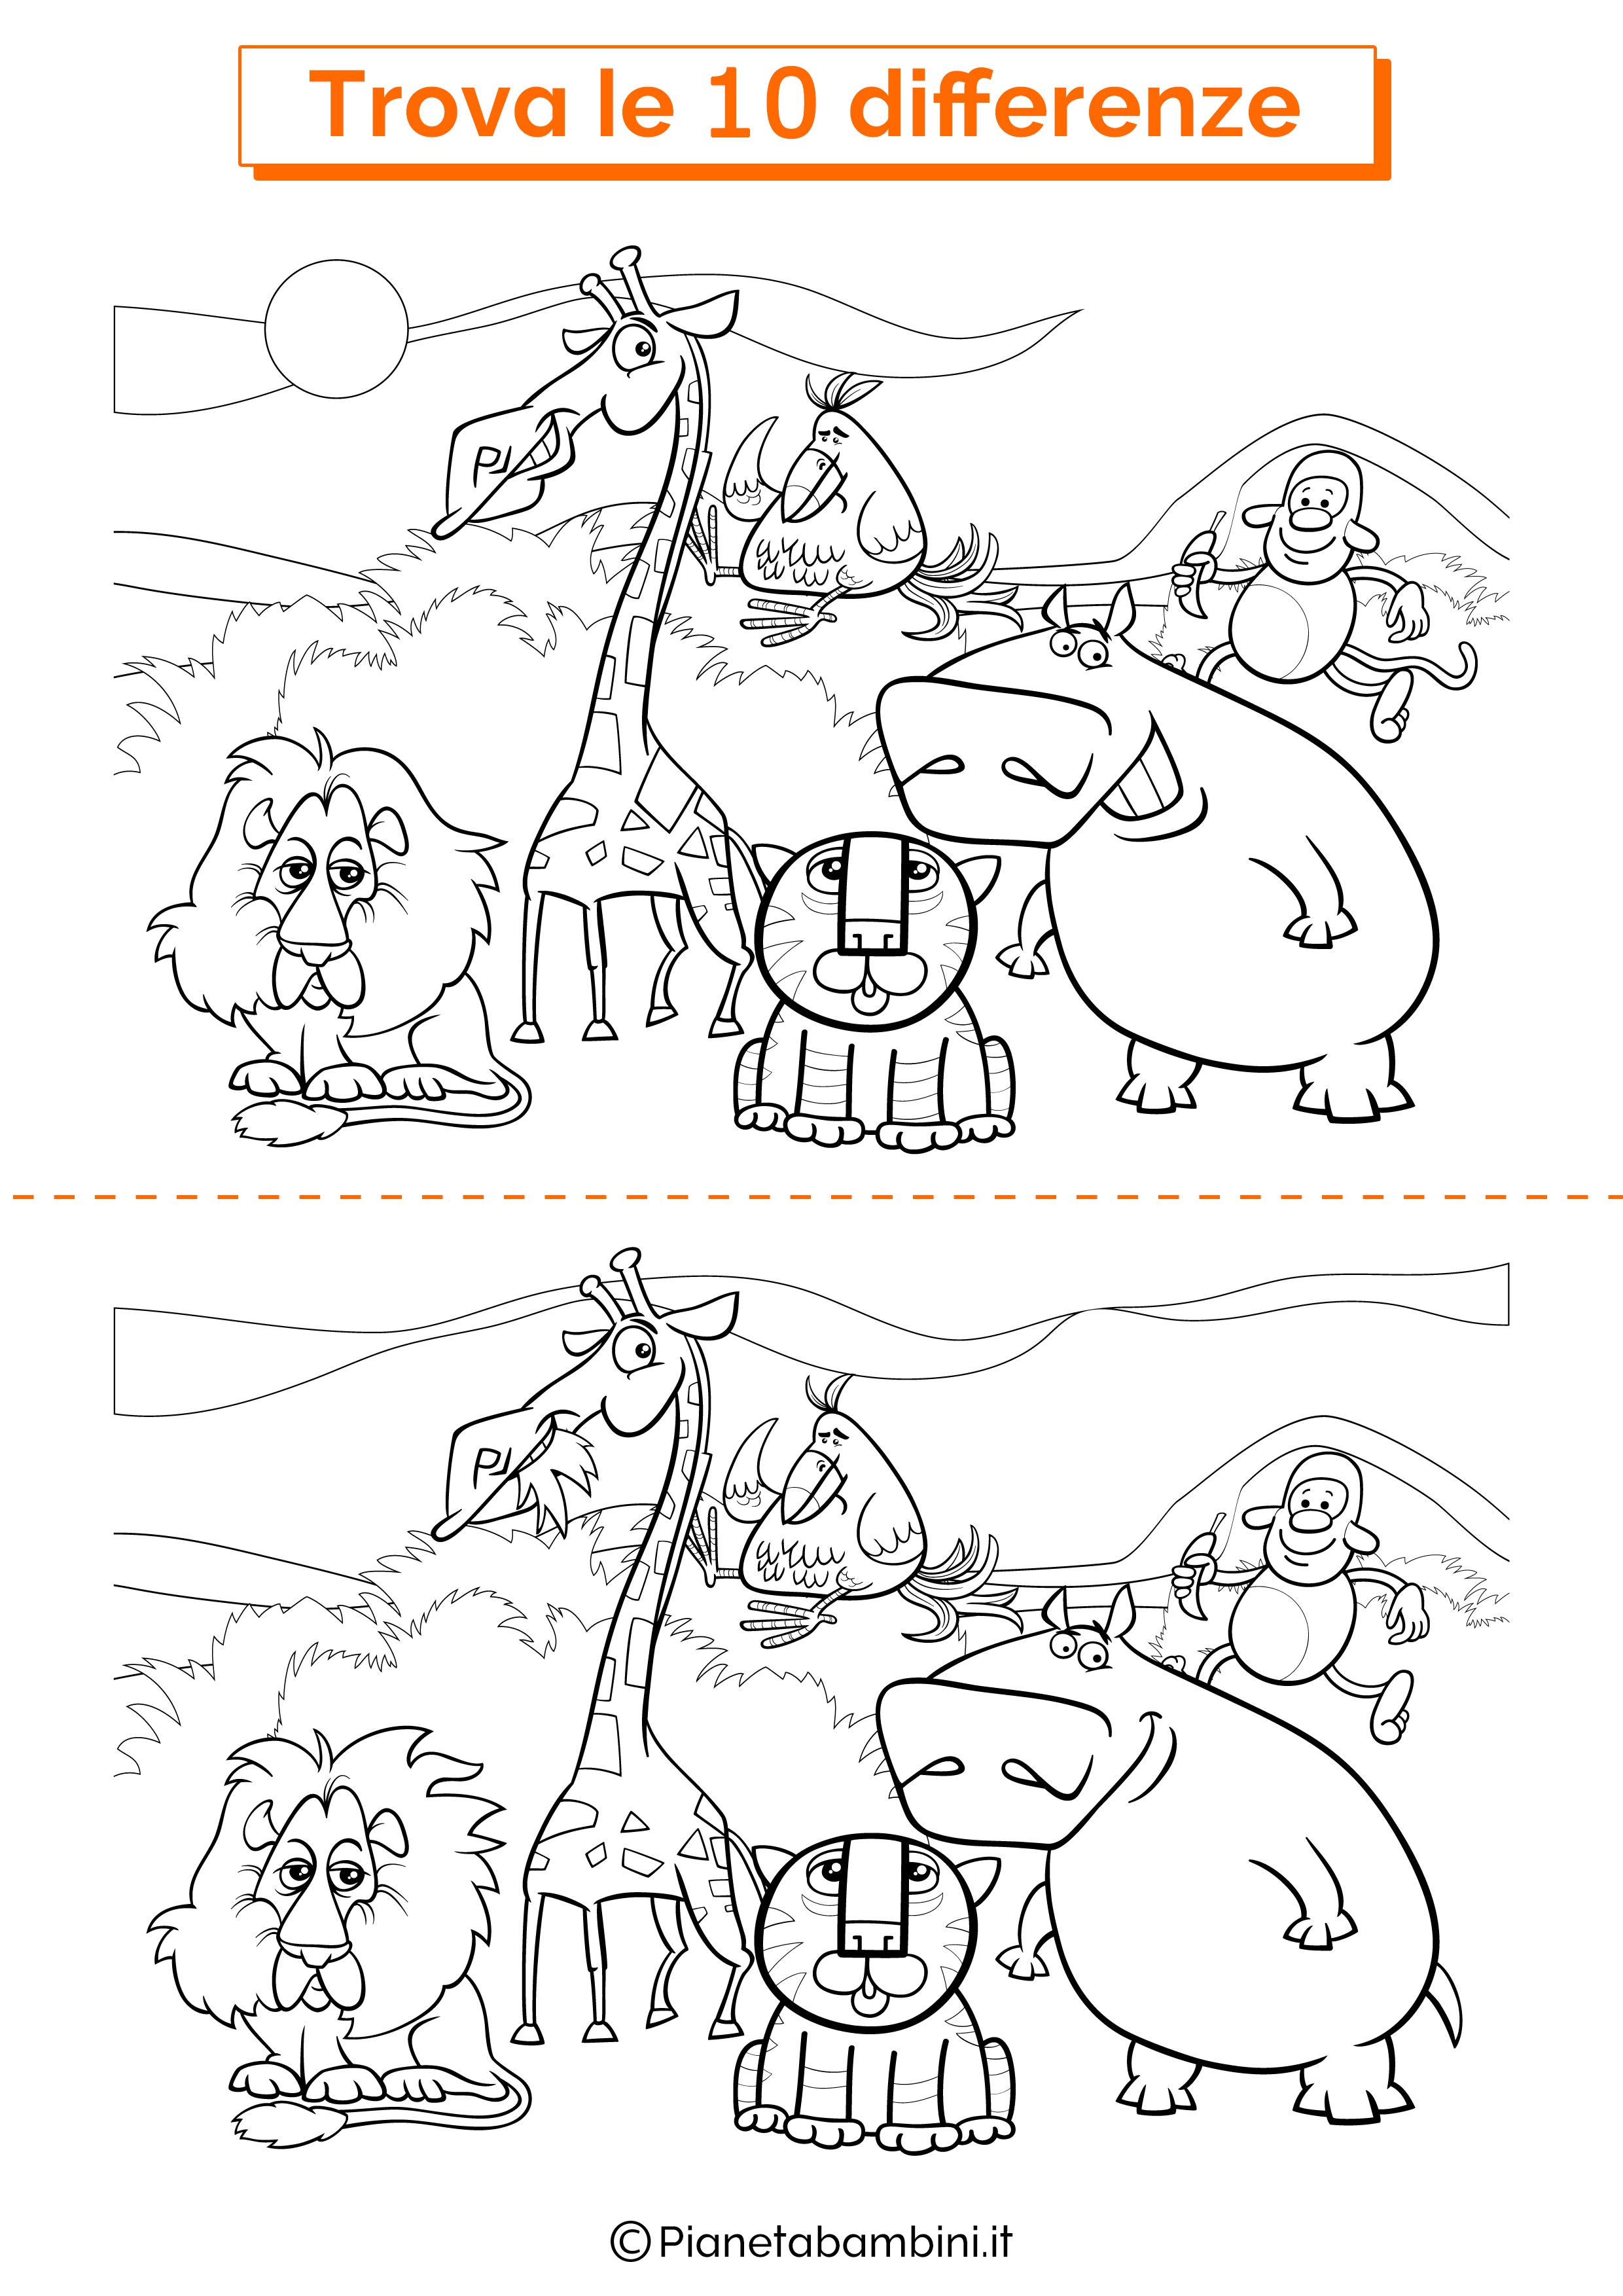 Disegno trova 10 differenze animali della giungla 1